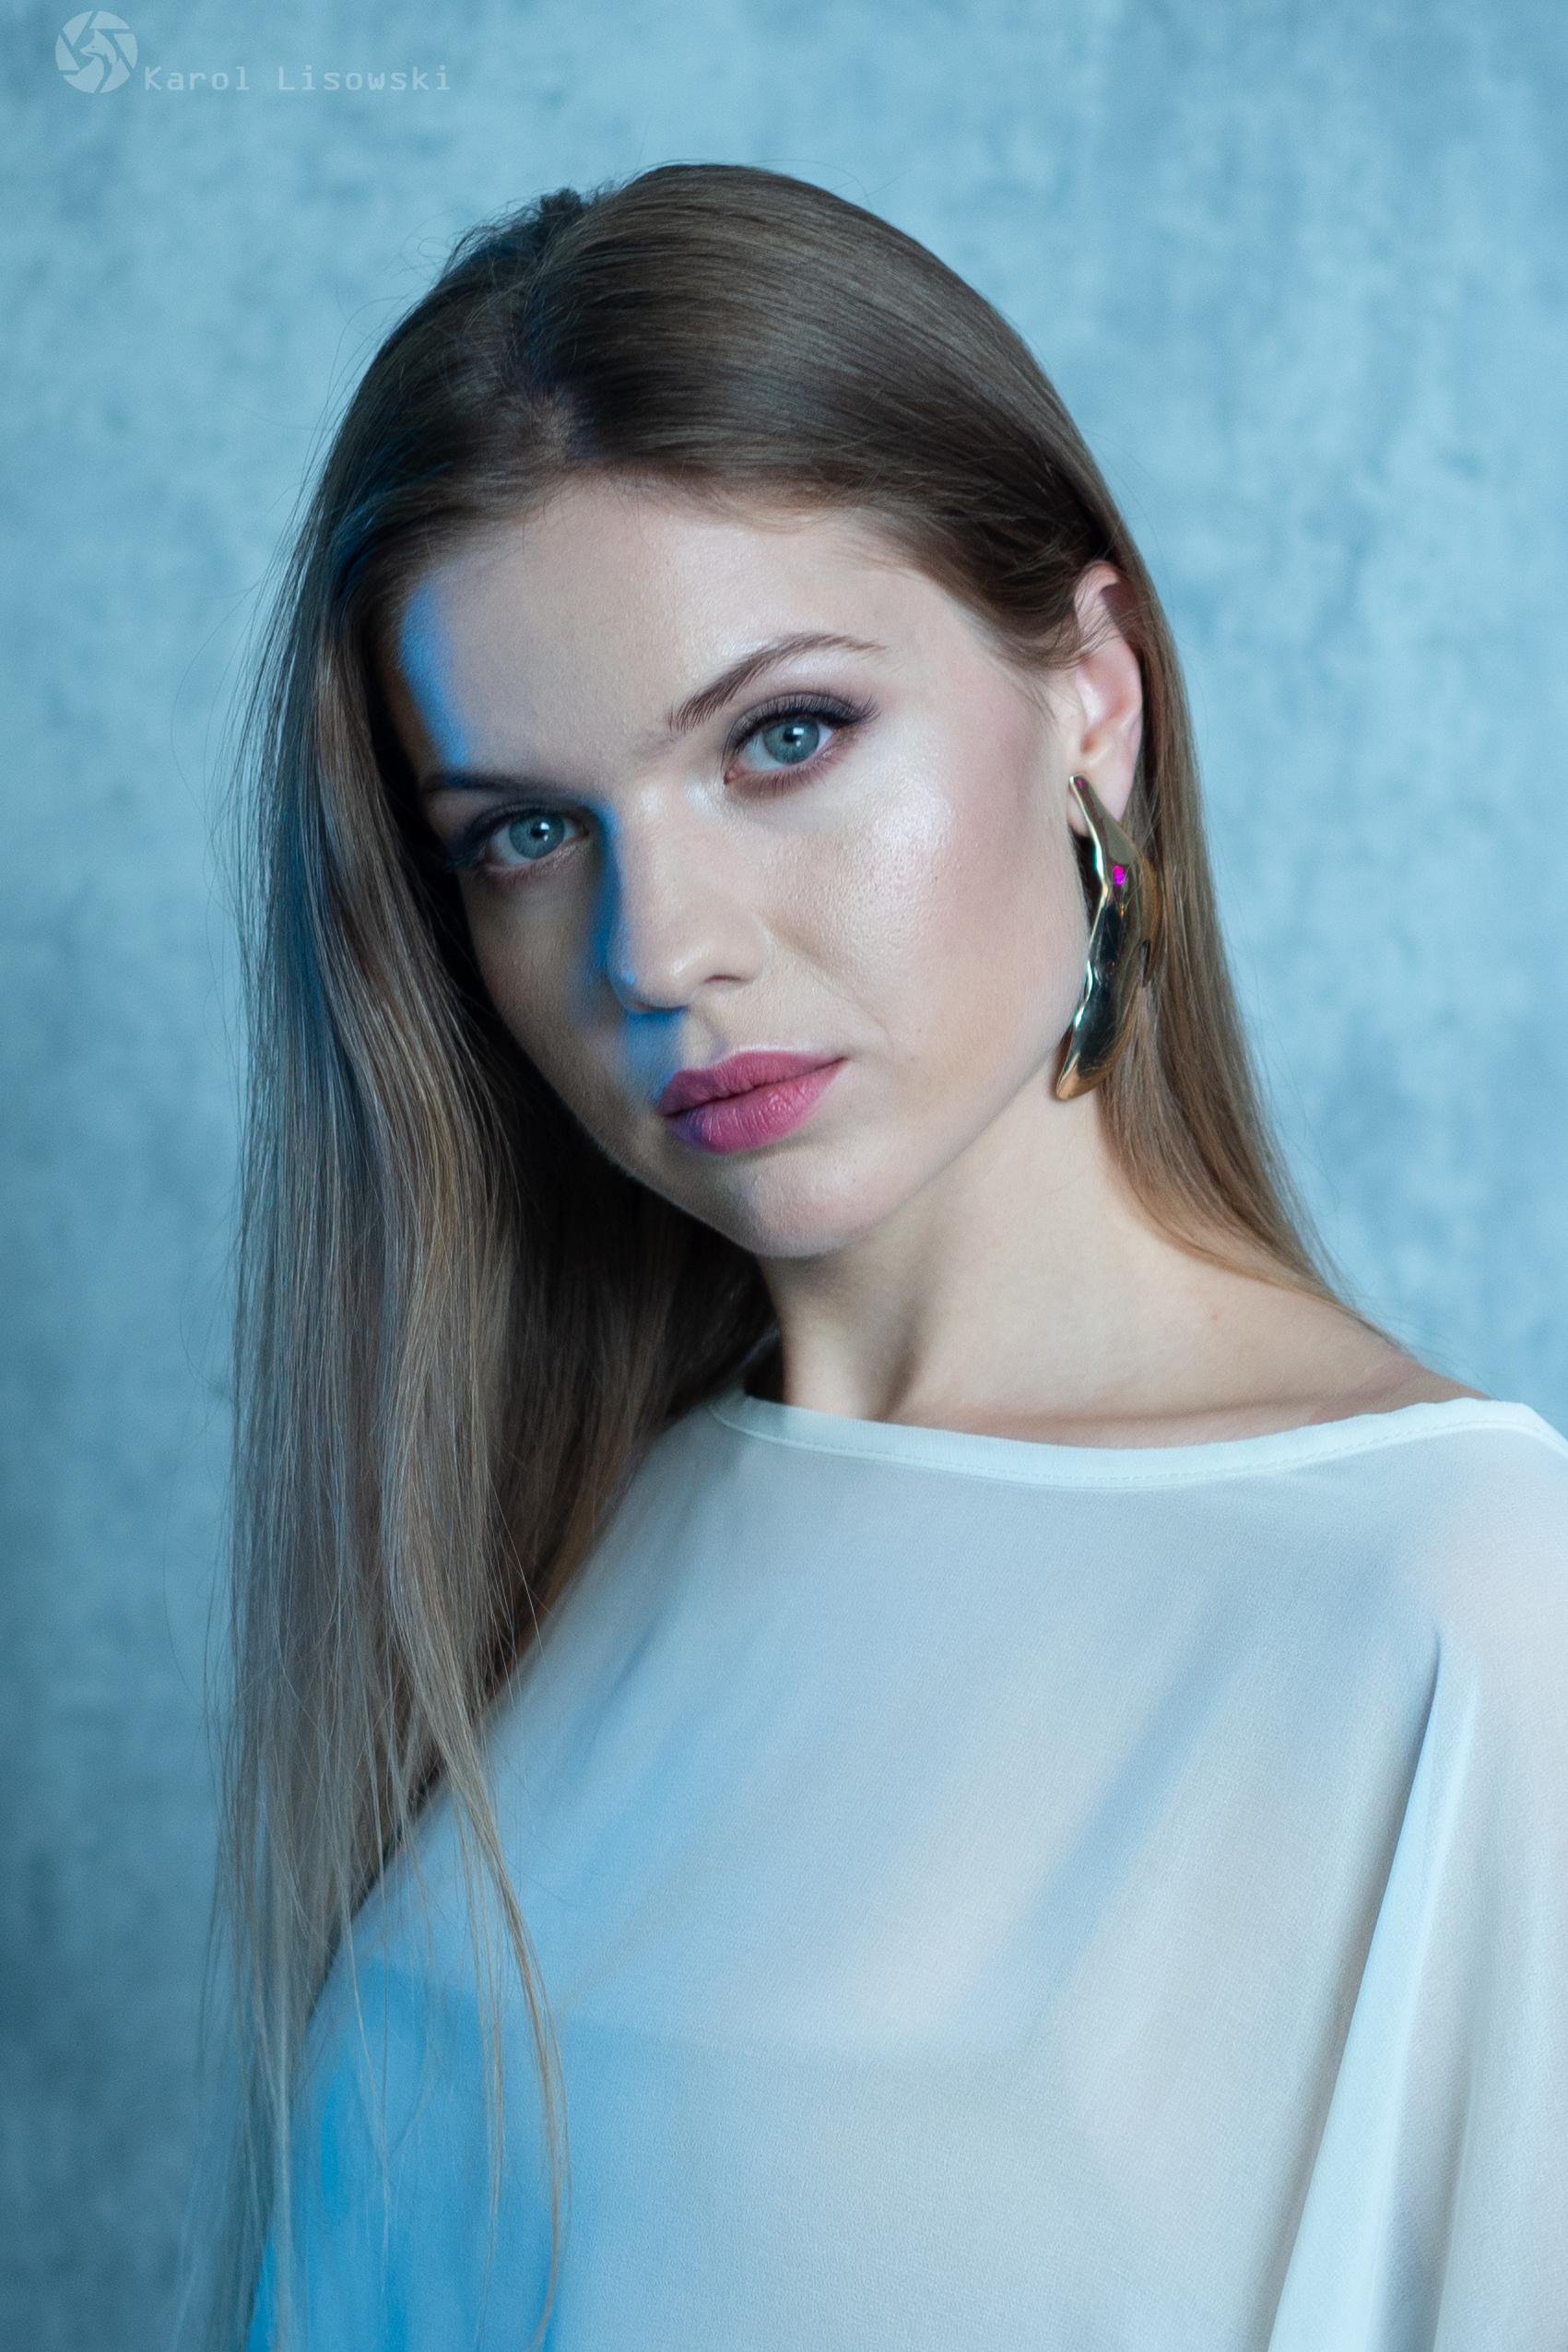 Portret Kobiecy Warszawa